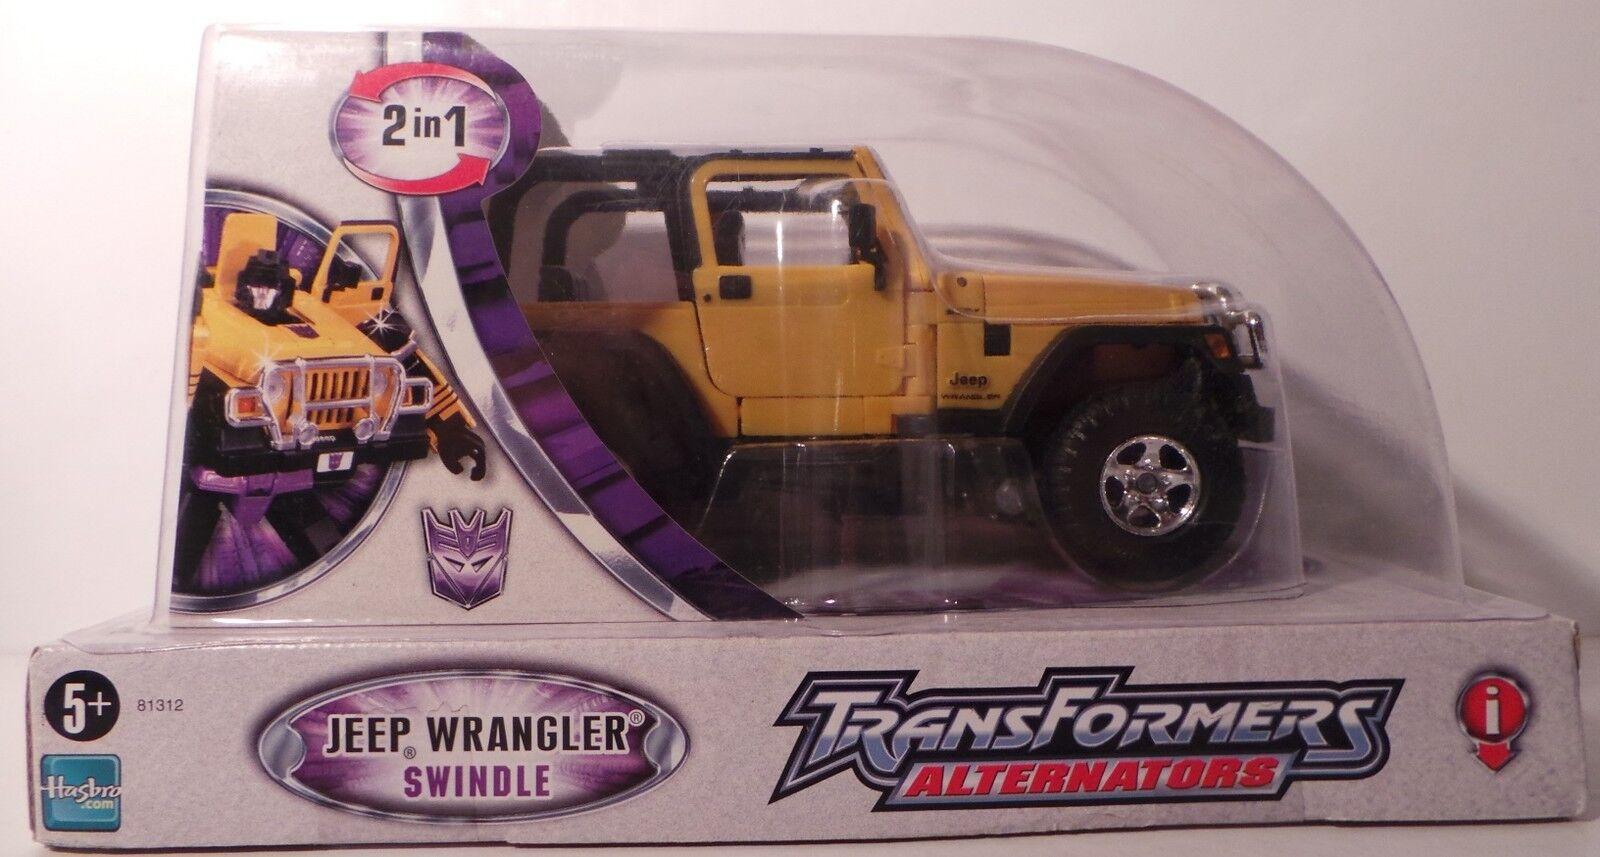 Transformers Alternadores Jeep Wrangler-Swindle-Hecho Por Hasbro